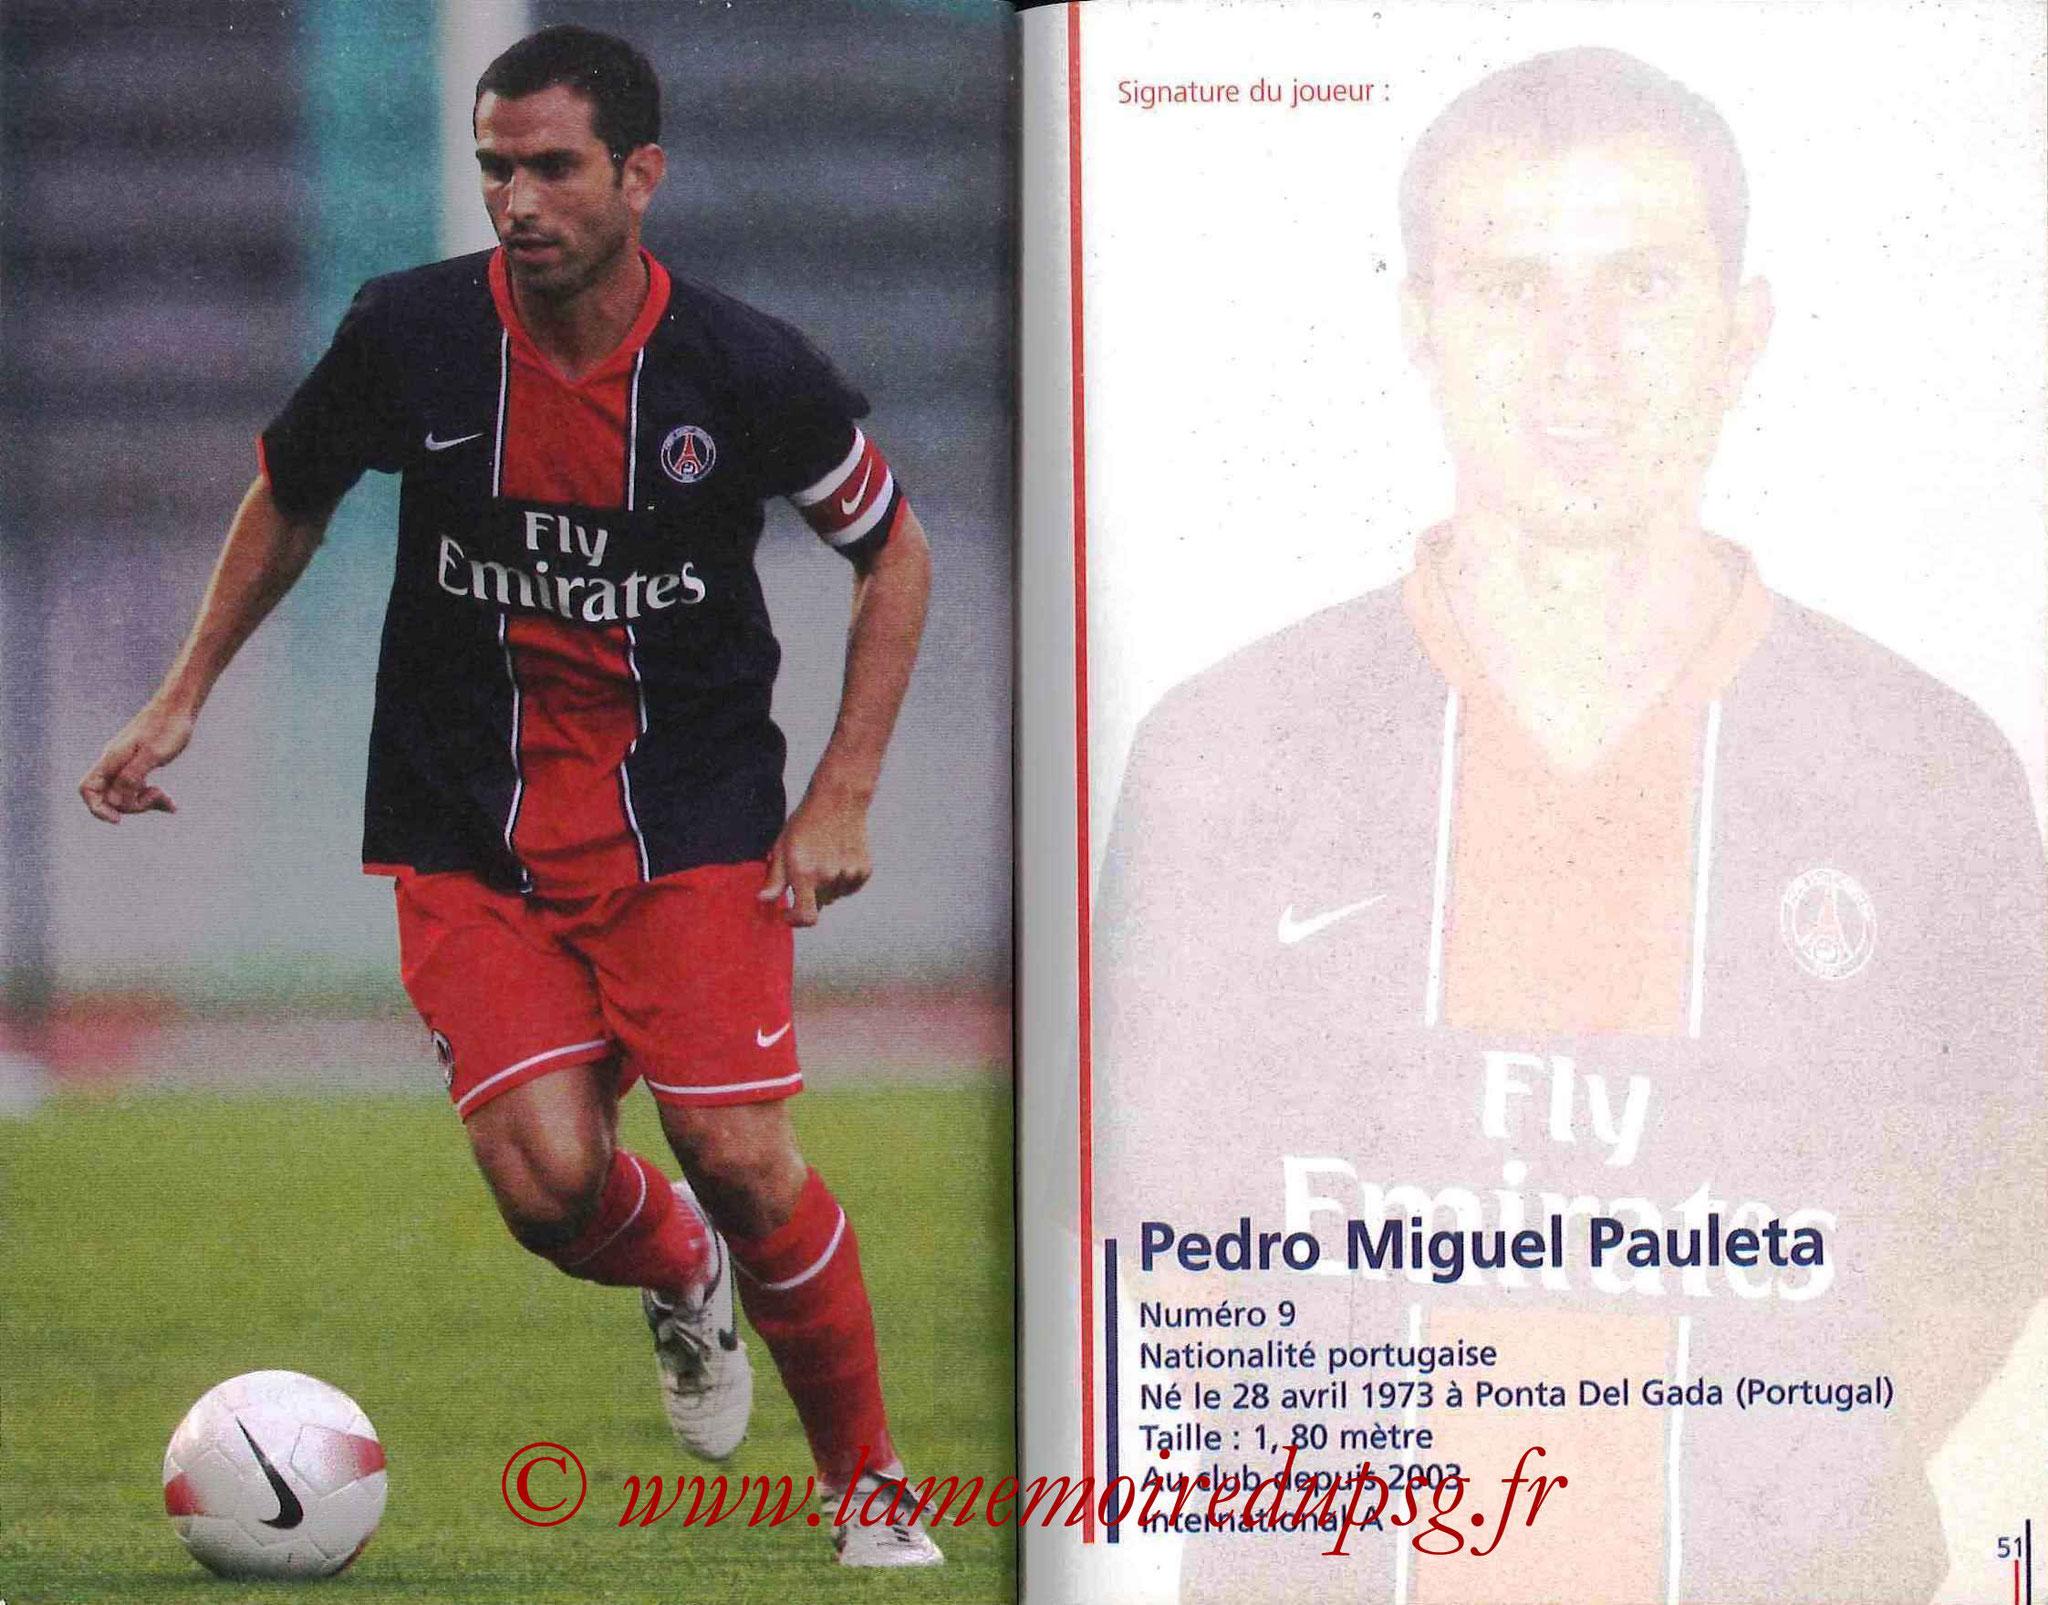 2007-08 - Guide de la Saison PSG - Pages 50 et 51 - Pedro Miguel PAULETA